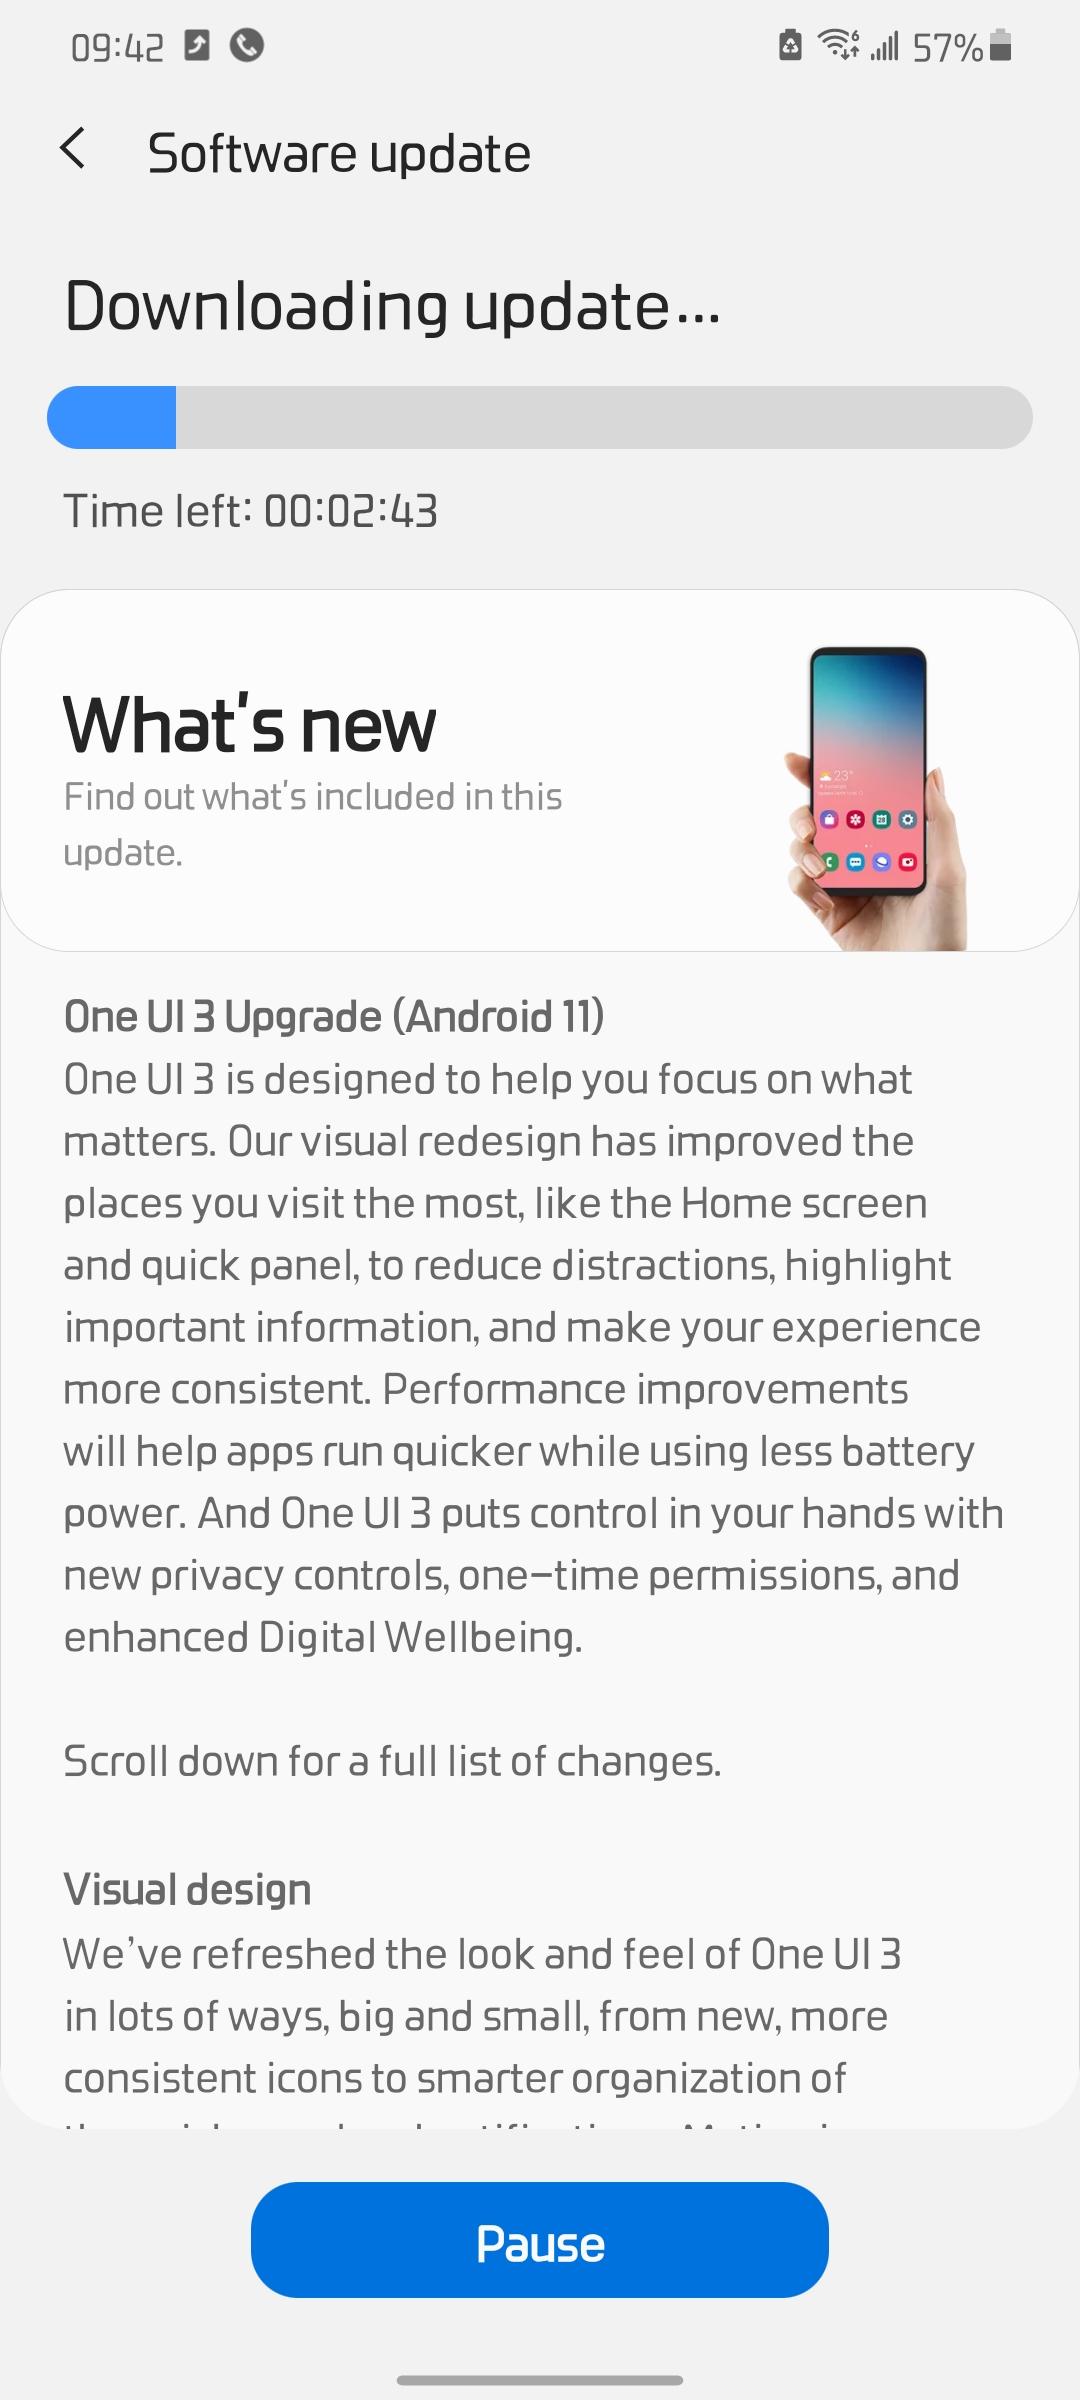 Screenshot_20201214-094249_Software update.jpg